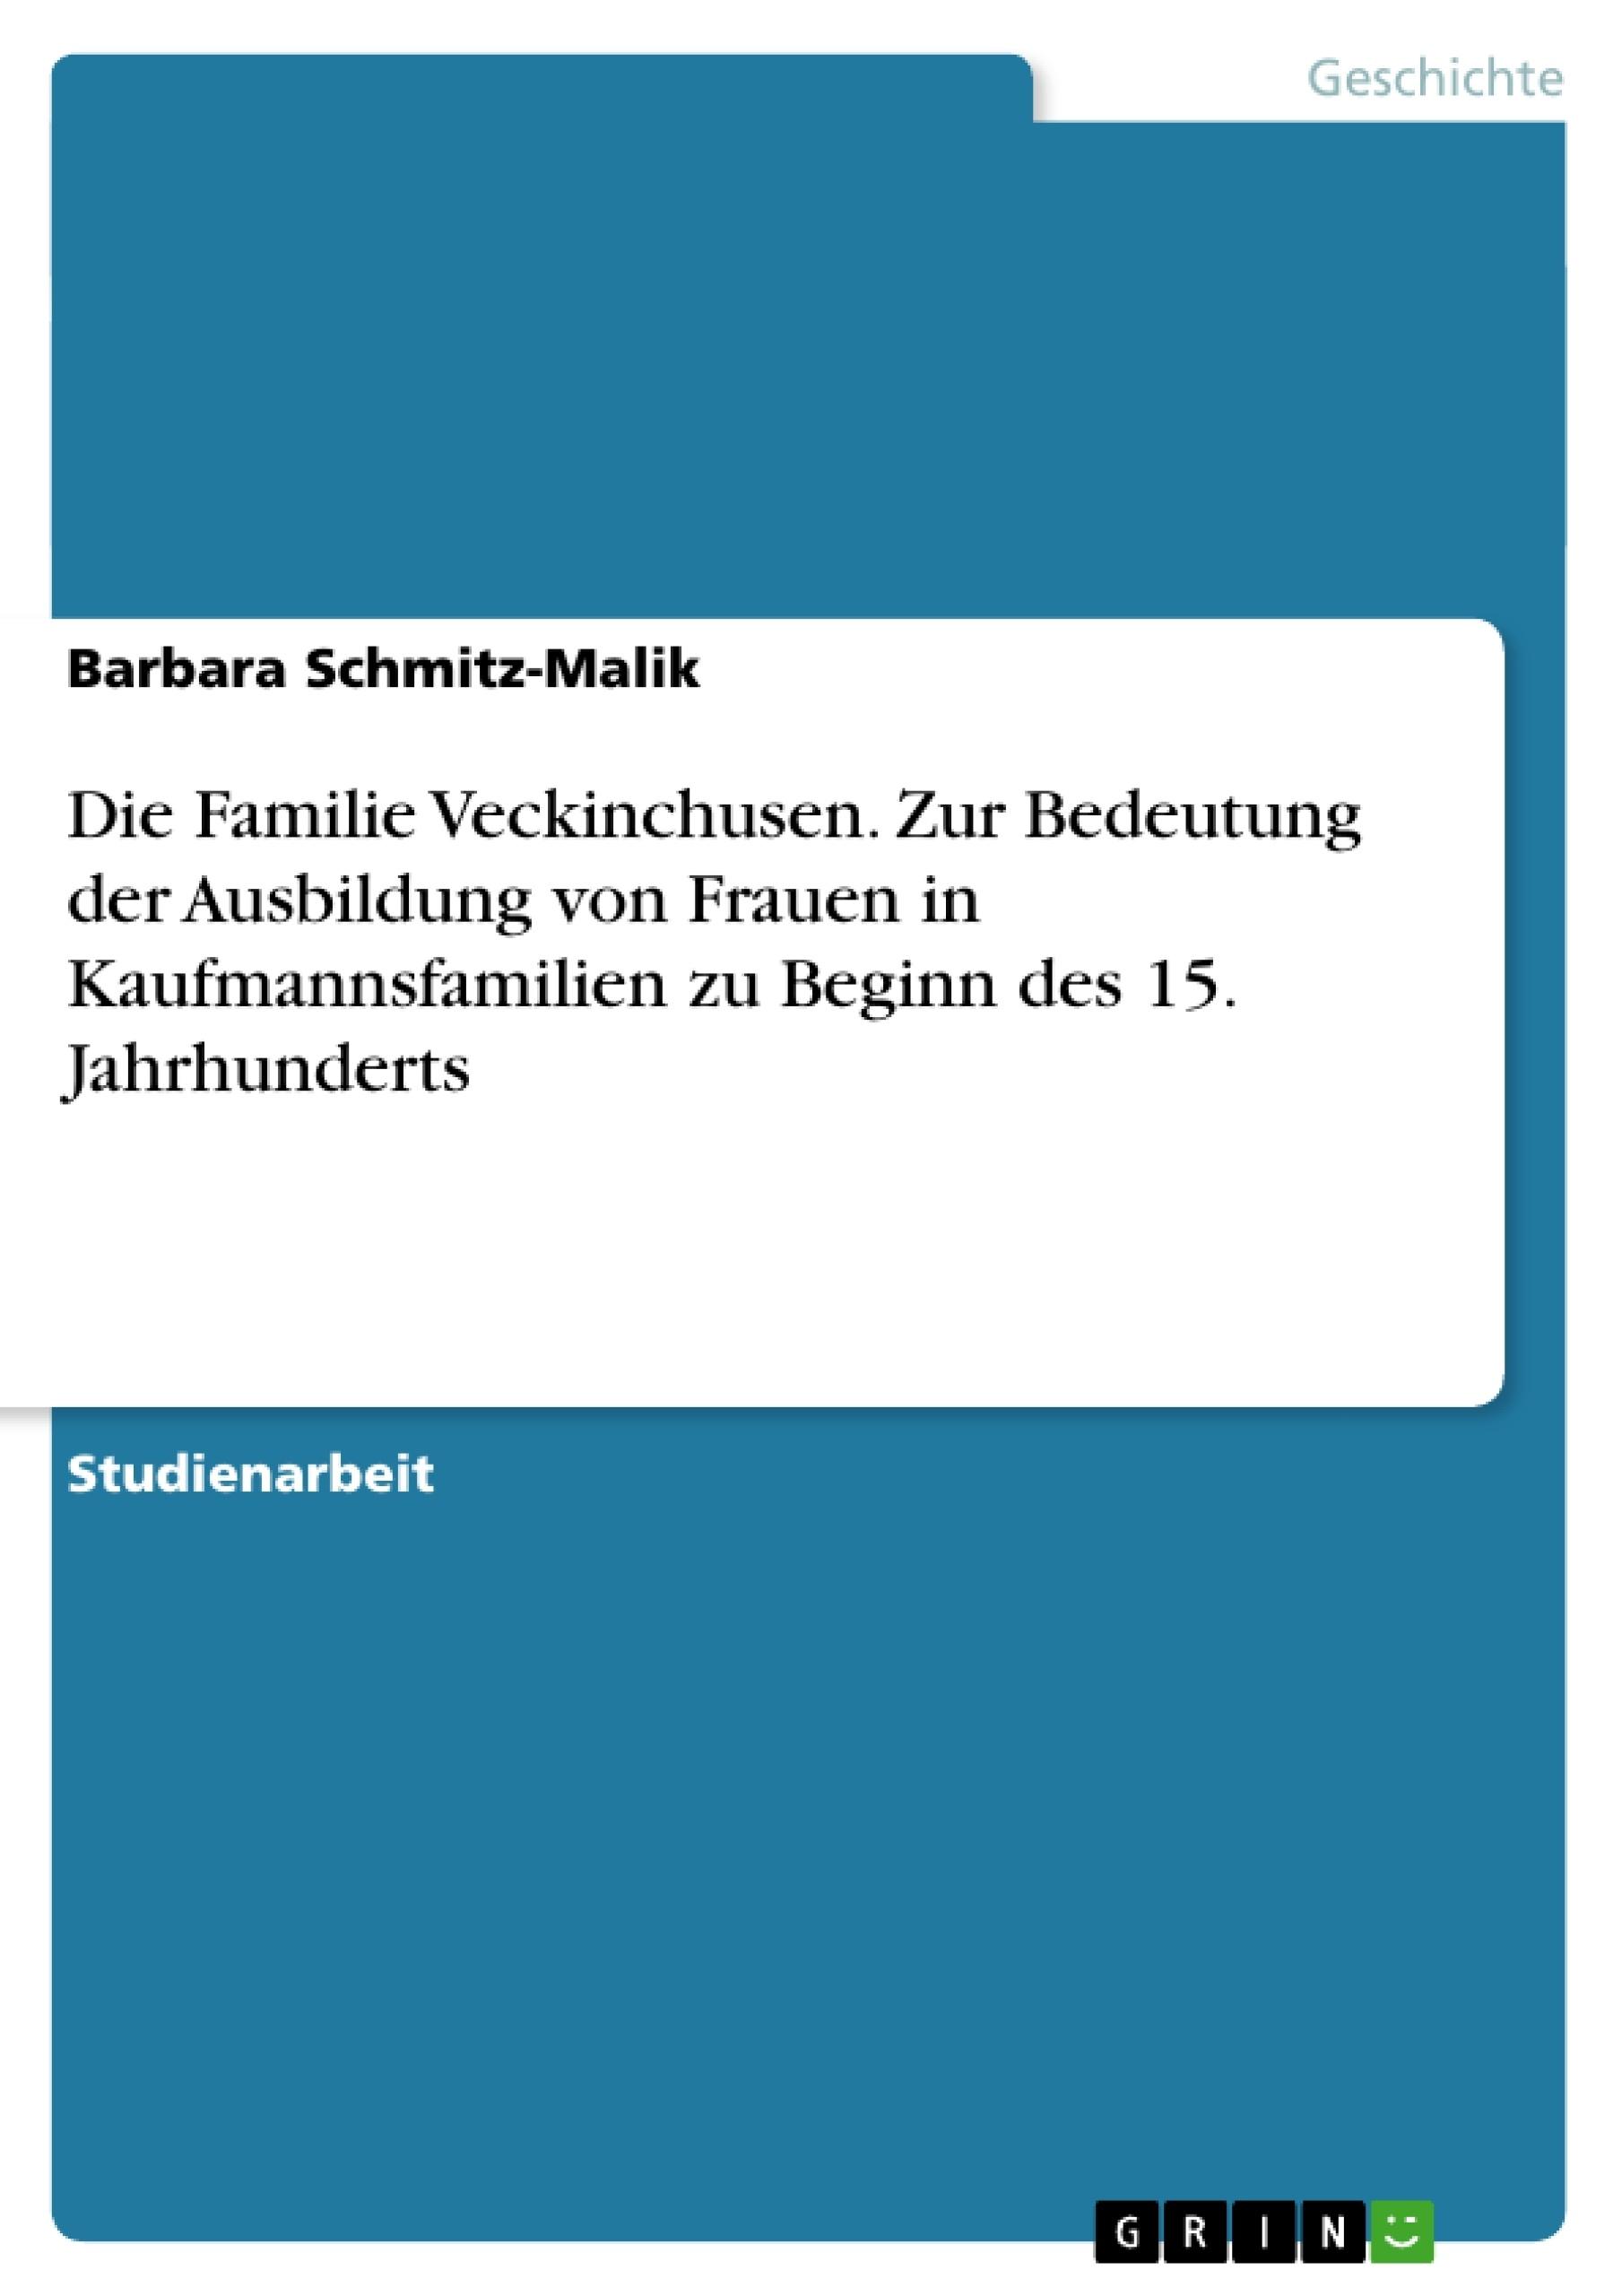 Titel: Die Familie Veckinchusen. Zur Bedeutung der Ausbildung von Frauen in Kaufmannsfamilien zu Beginn des 15. Jahrhunderts